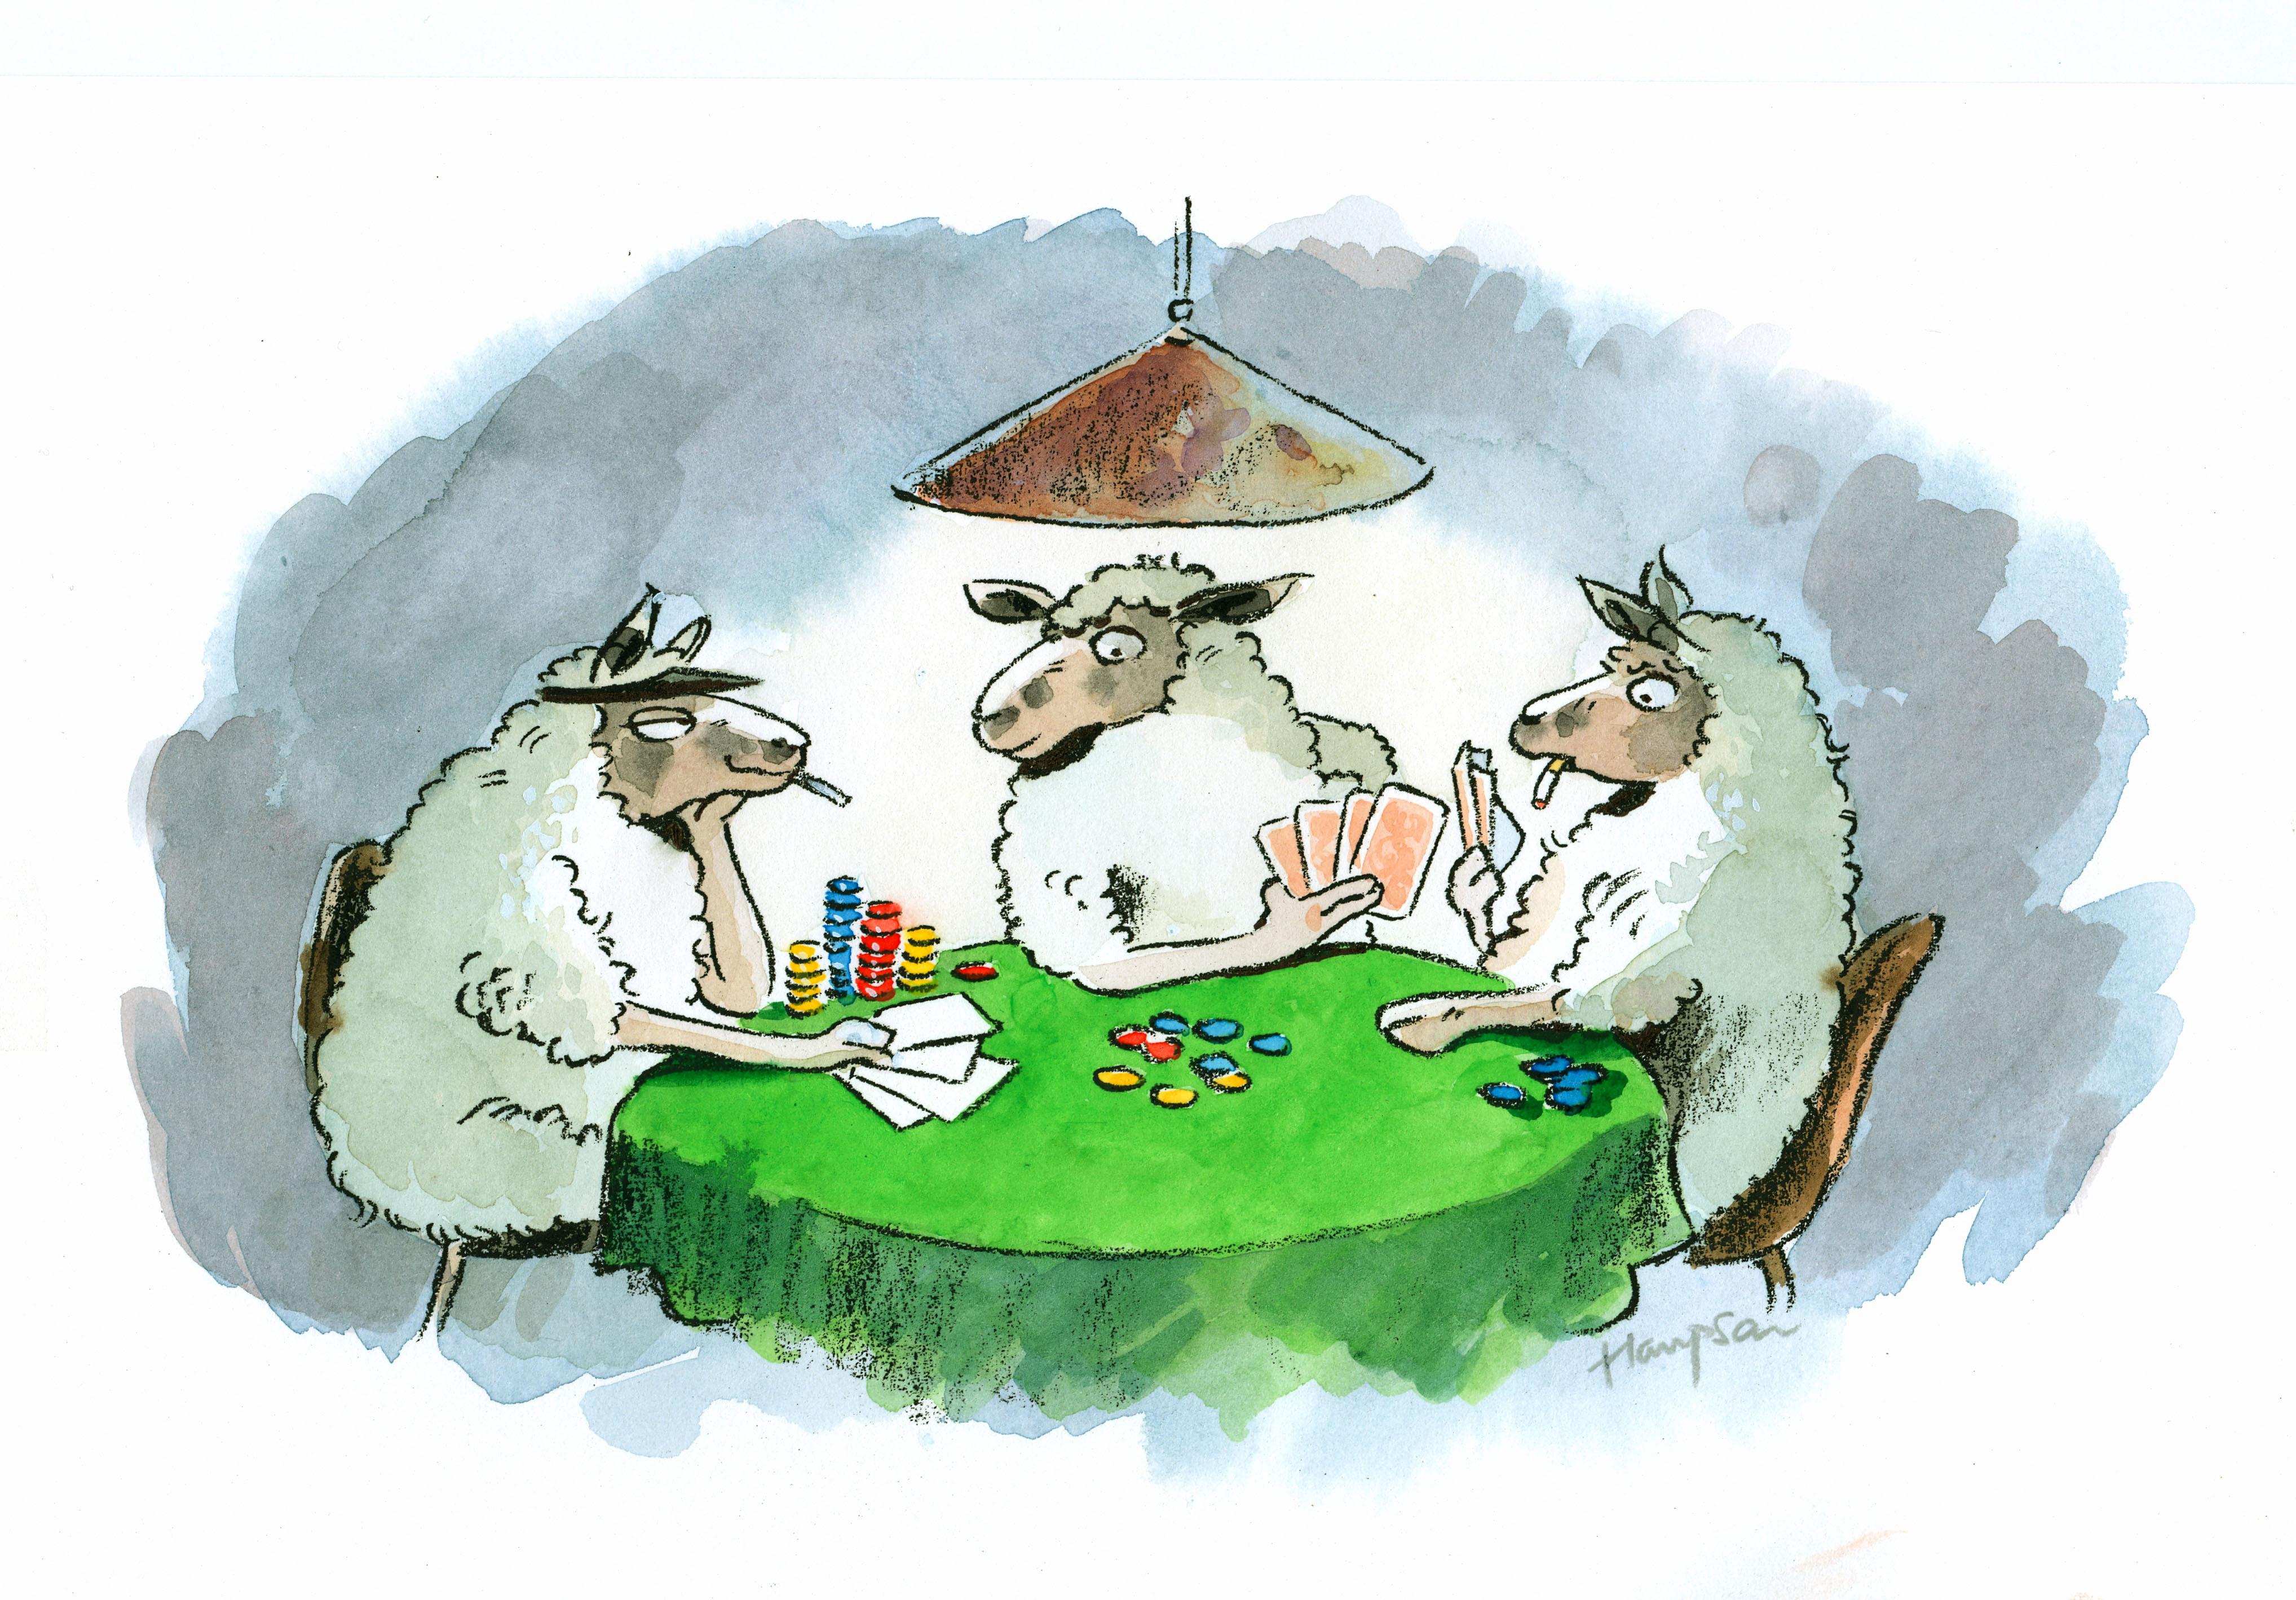 sheep illustration | handbuilt cartoon illustrations